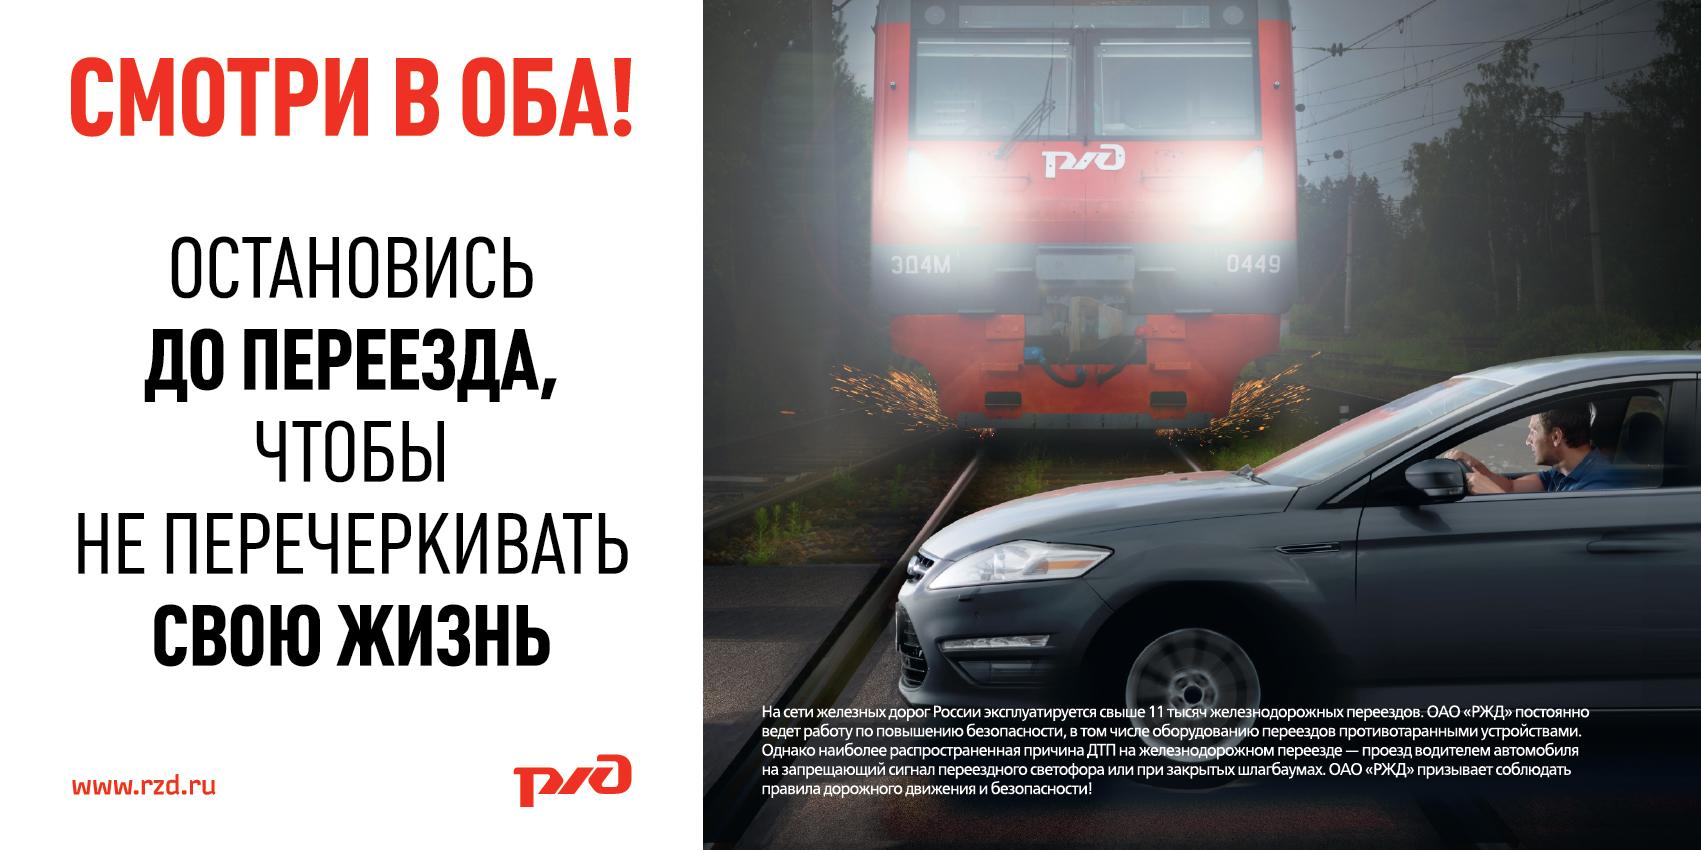 С начала 2021 года на железнодорожных переездах Карелии прошло 2 ДТП